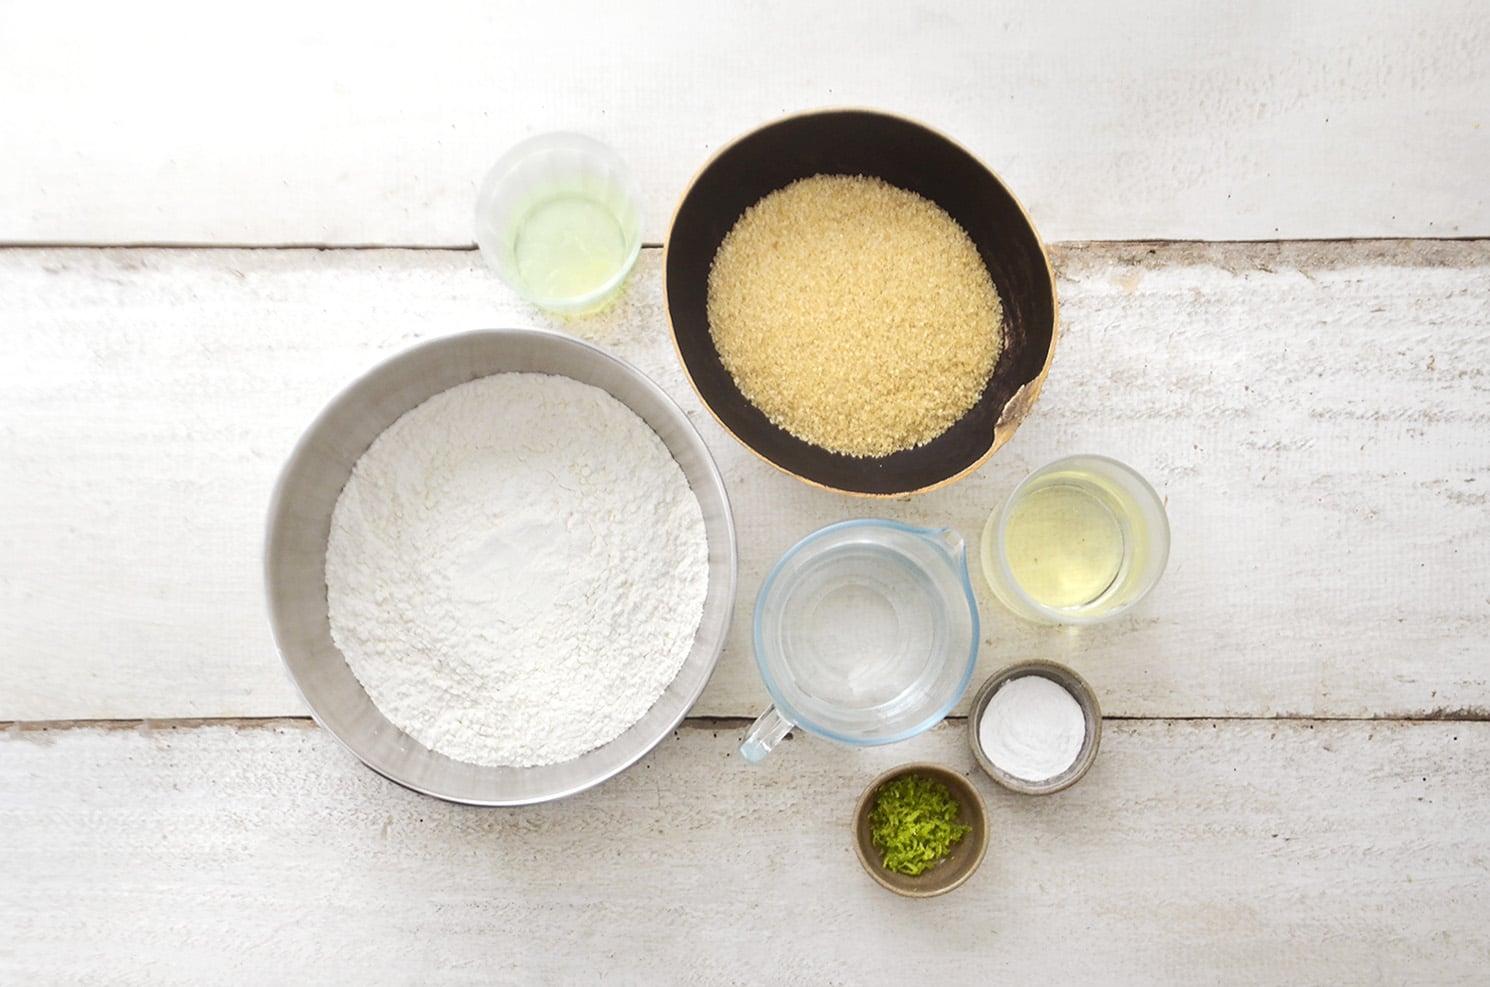 ingredientes para fazer bolo de limão vegano